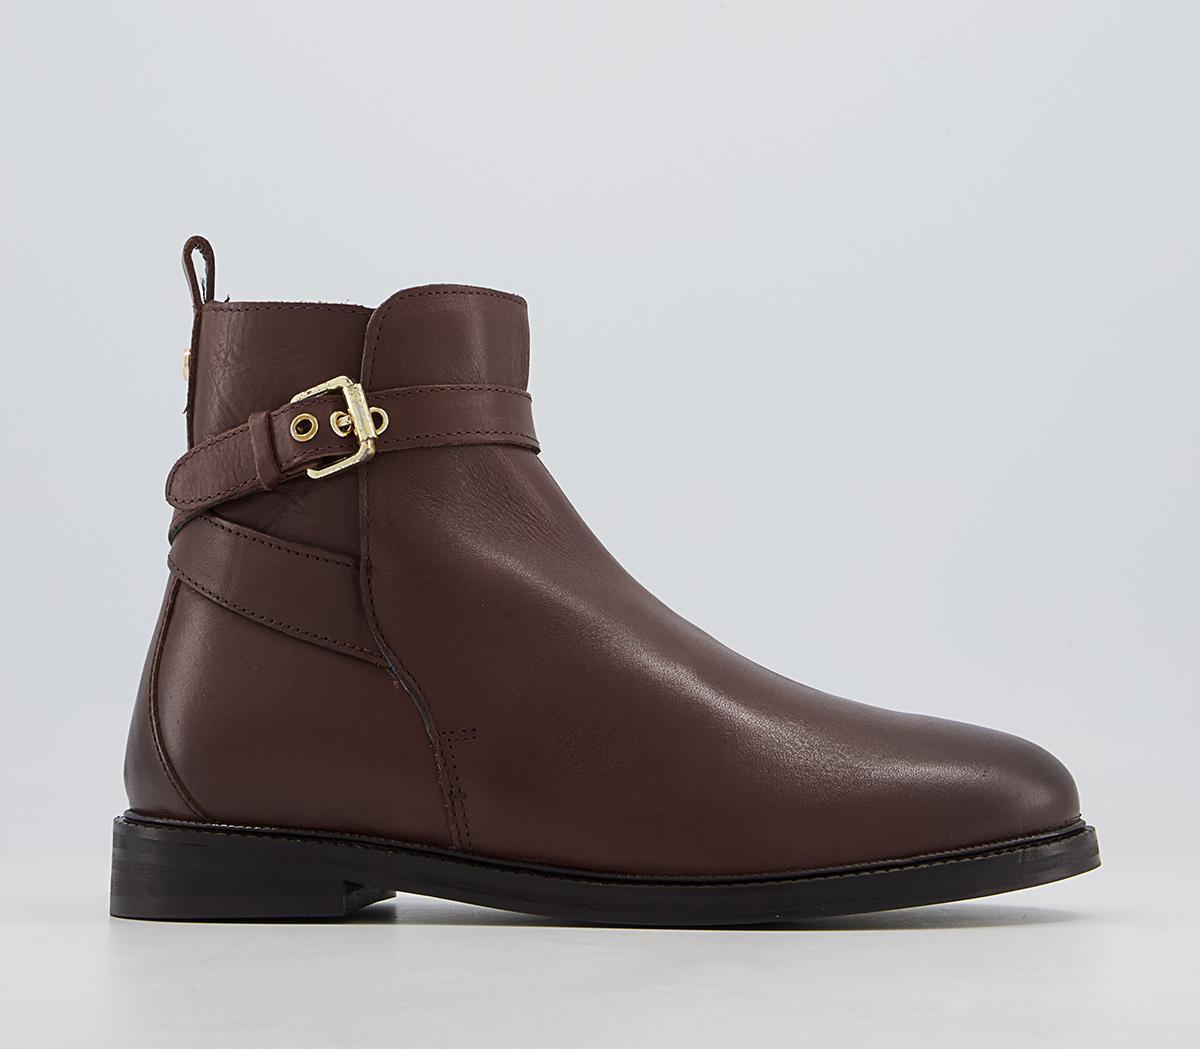 Ashford Clean Jodphur Boots